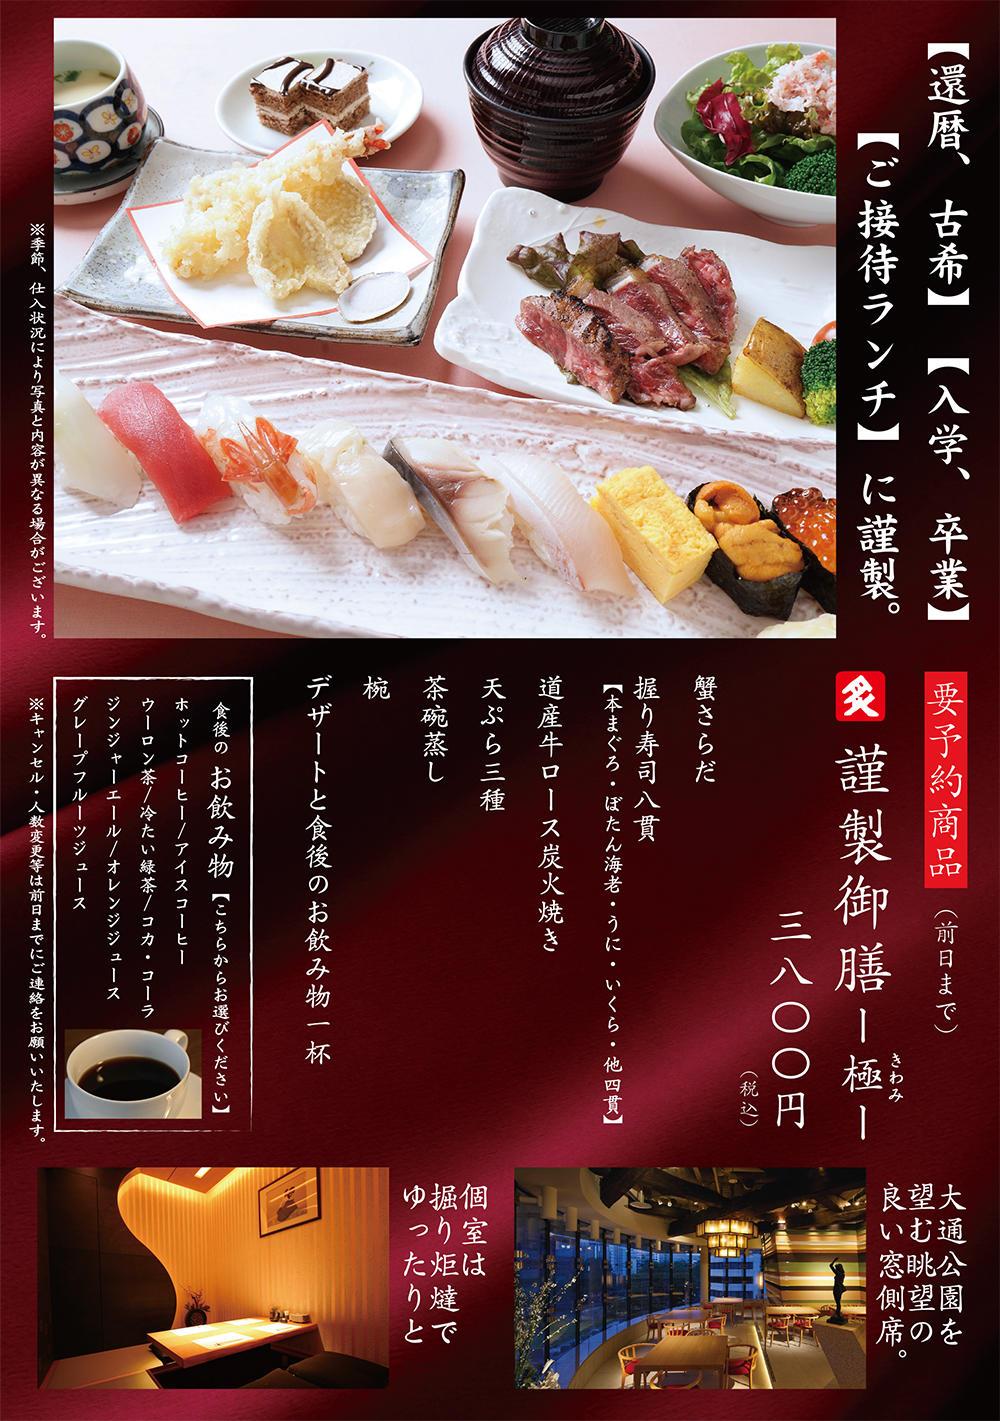 https://www.odori-bisse.com/info/aburiya_210614_img2.jpg